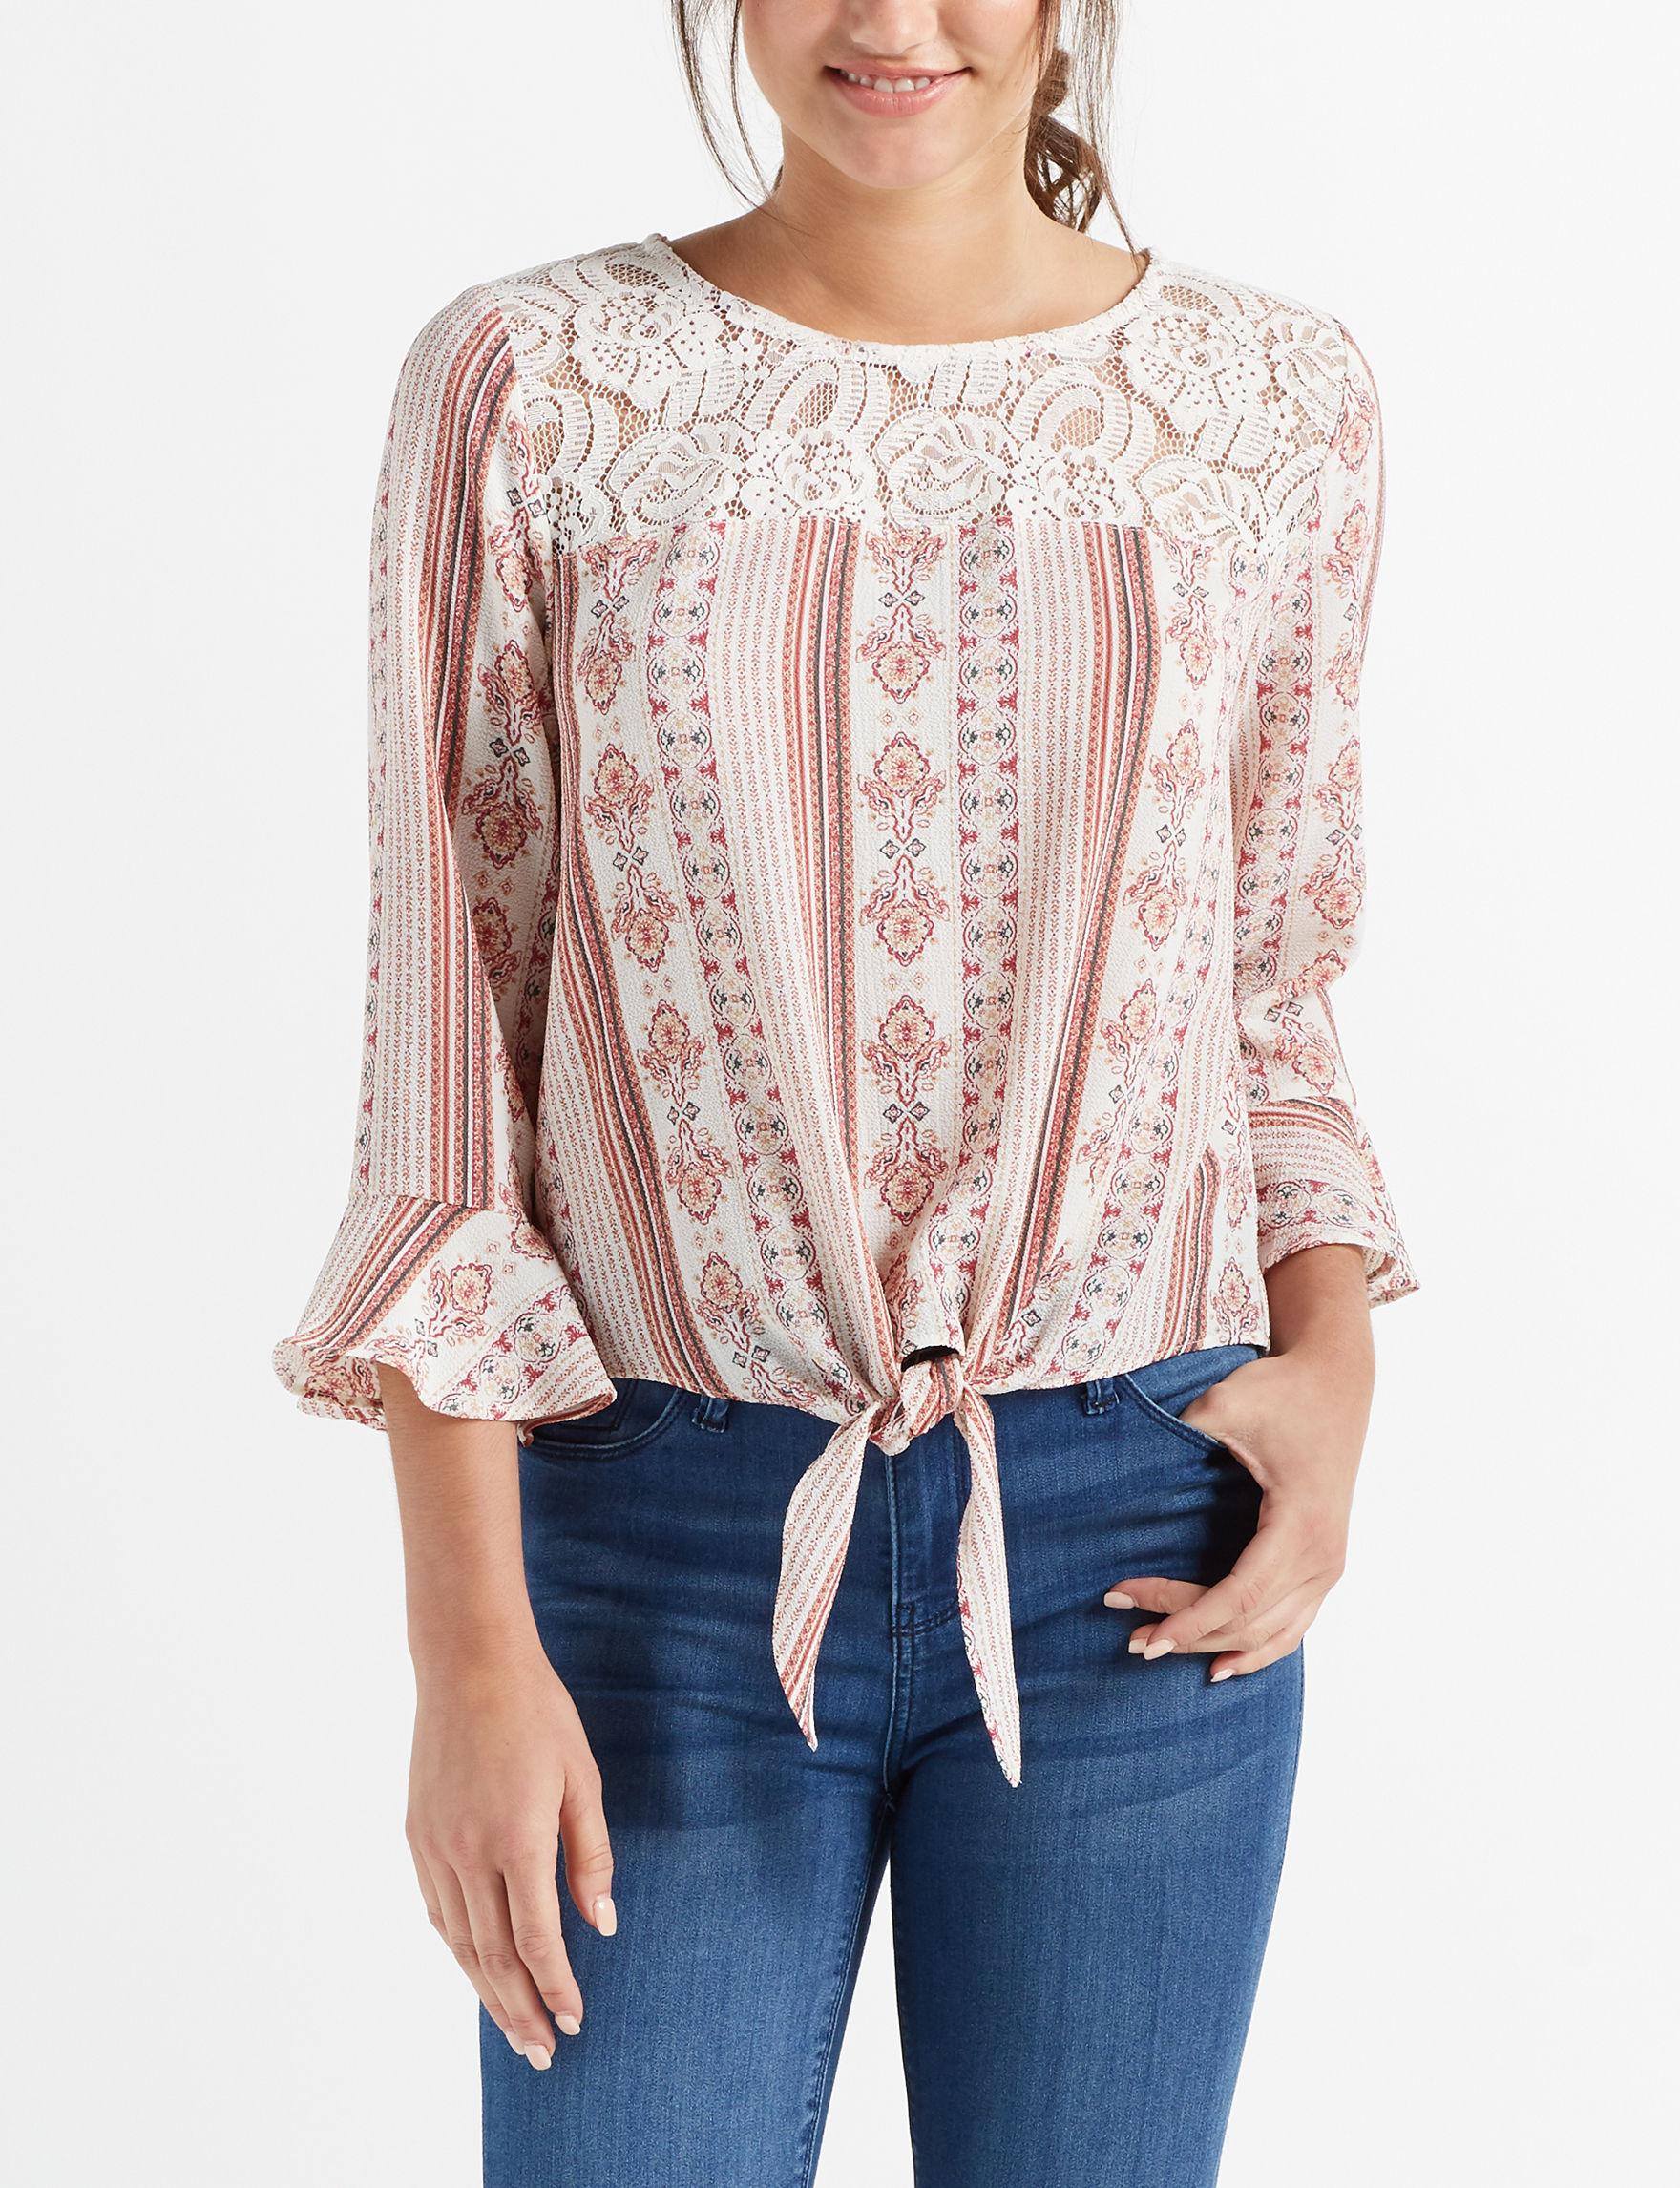 Leighton White Shirts & Blouses